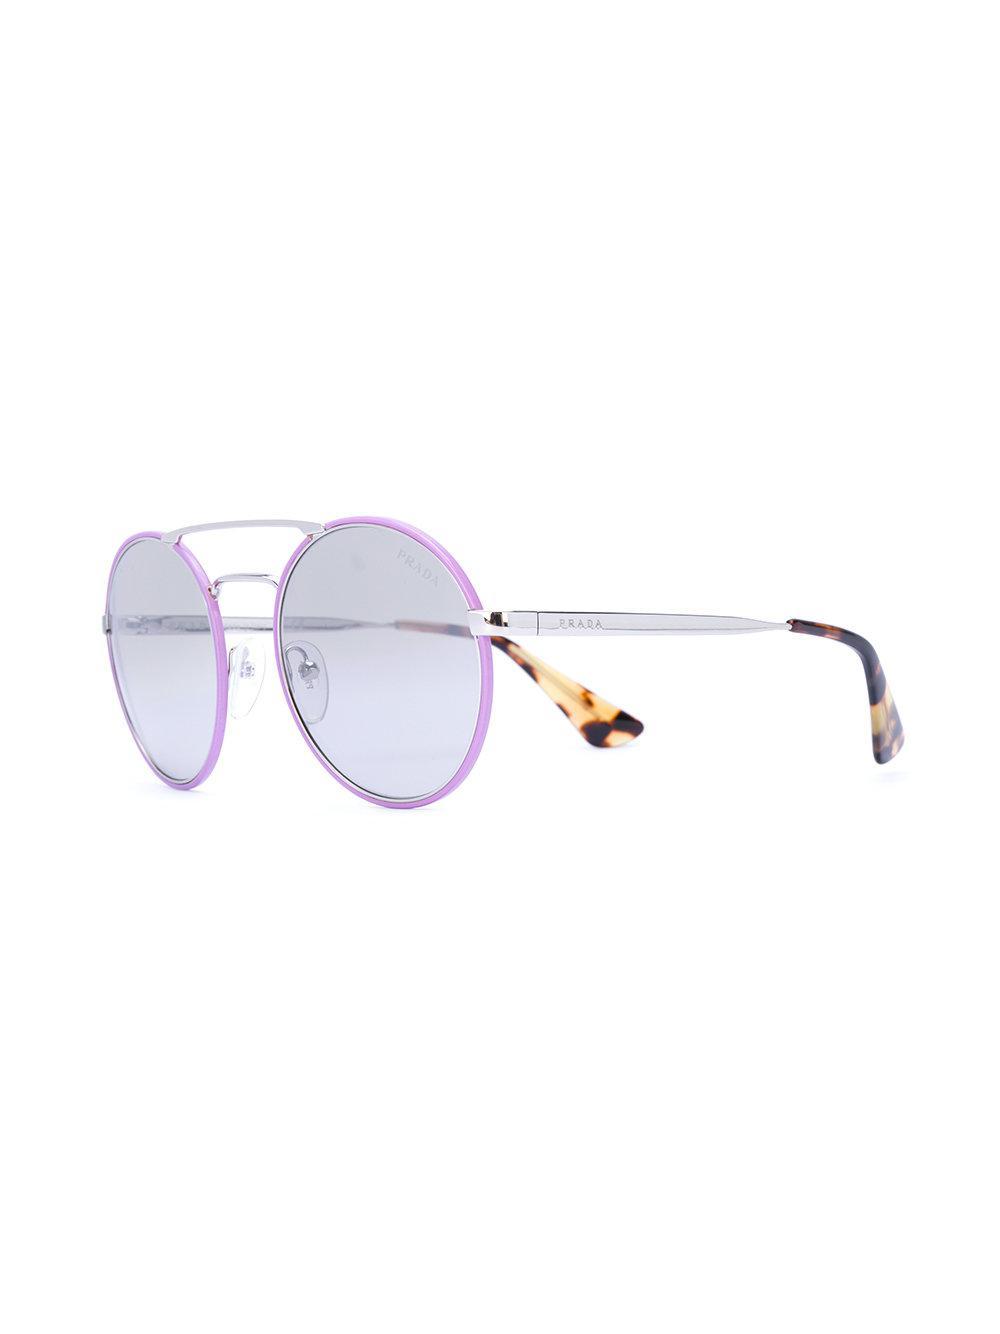 Prada Cinema Round Sunglasses